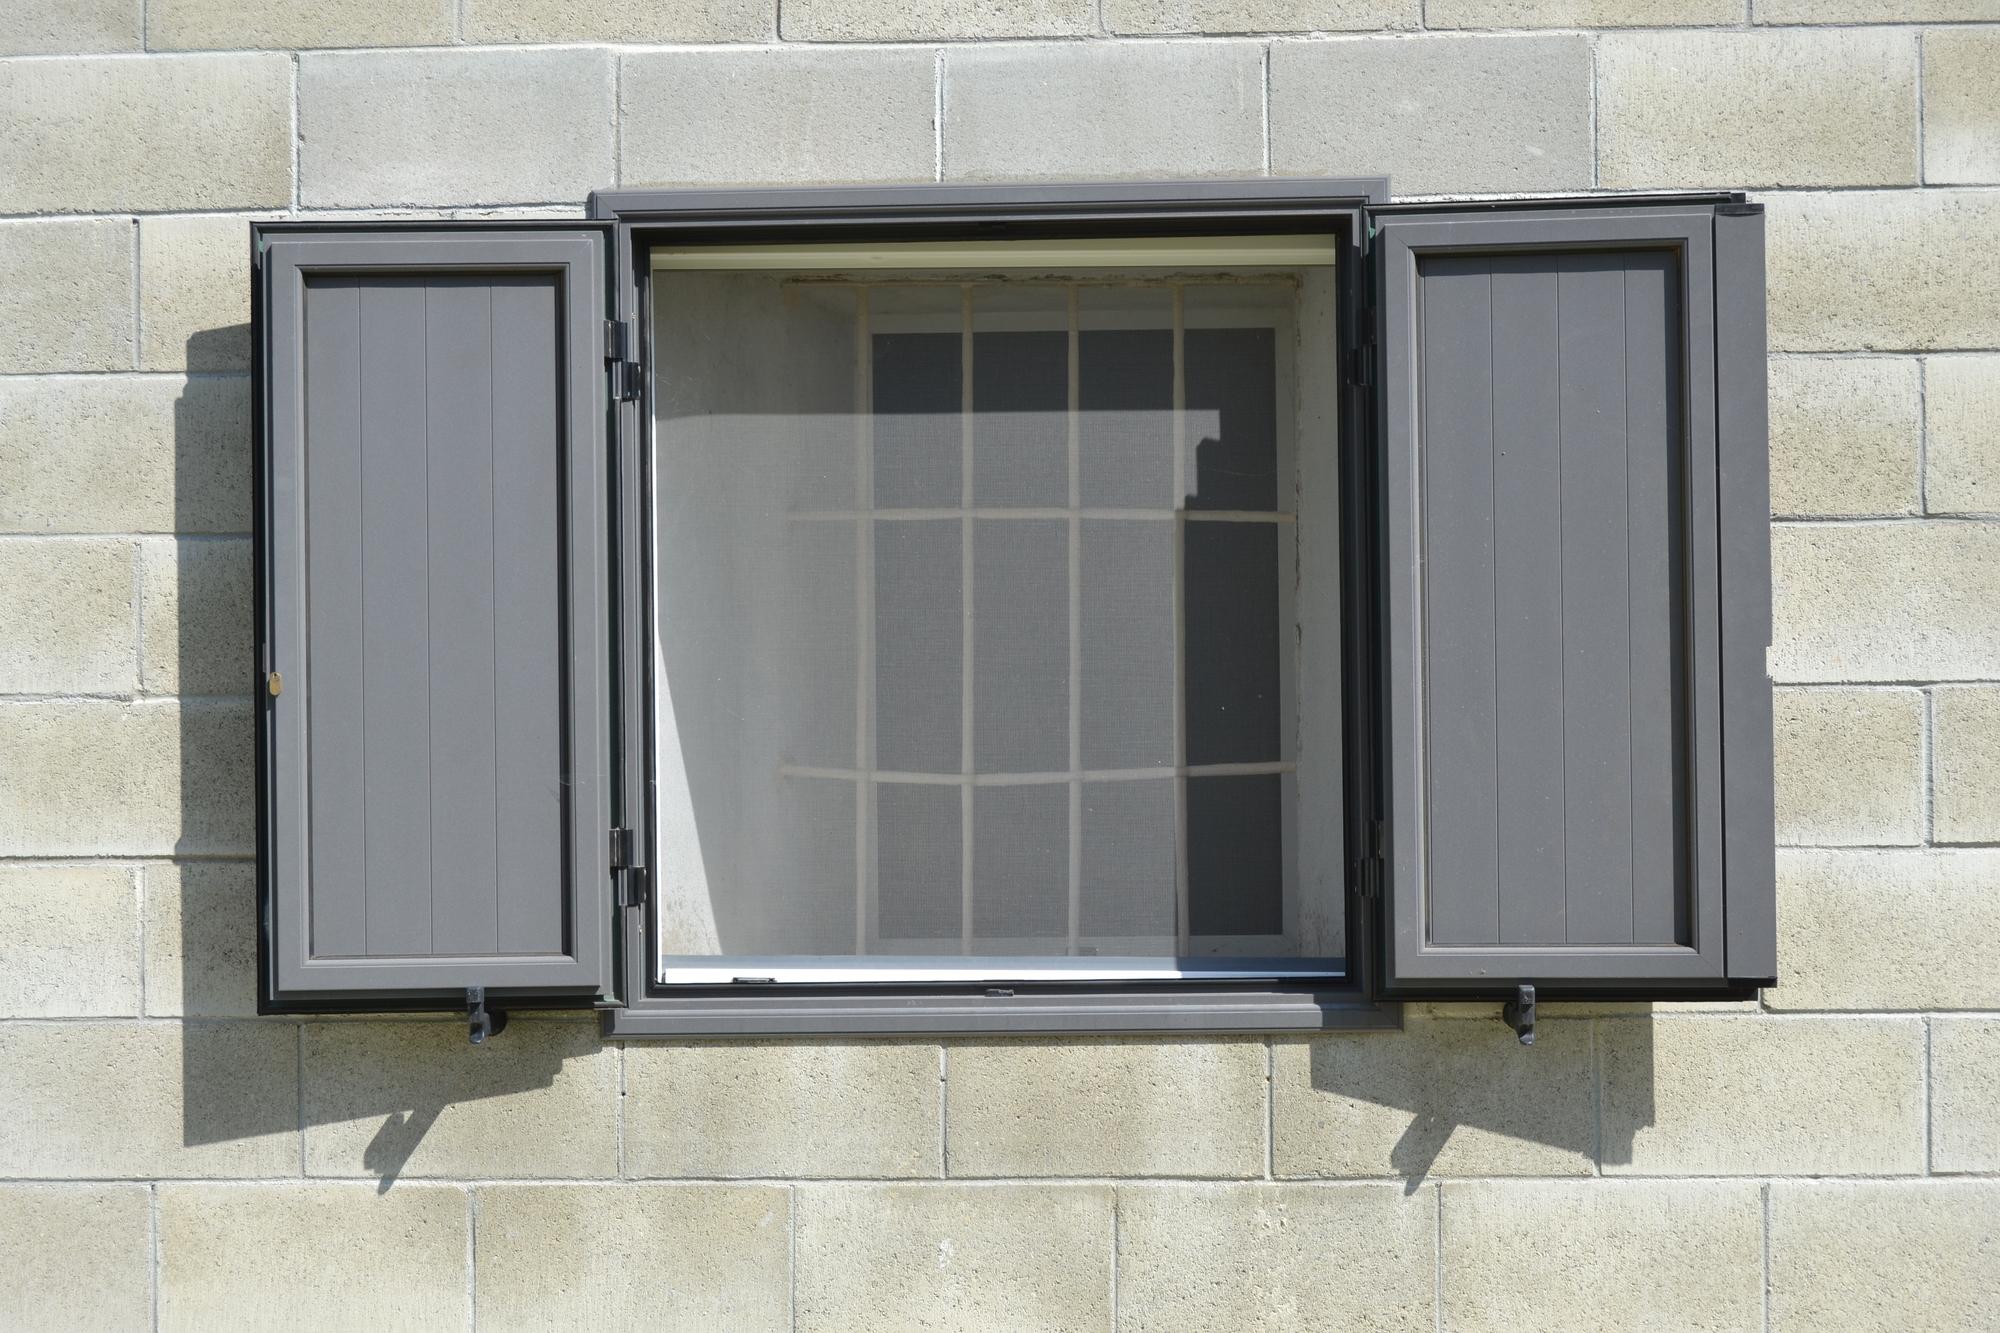 Zanzariere a calamita per grate porte e finestre prezzi - Prezzi grate per finestre ...